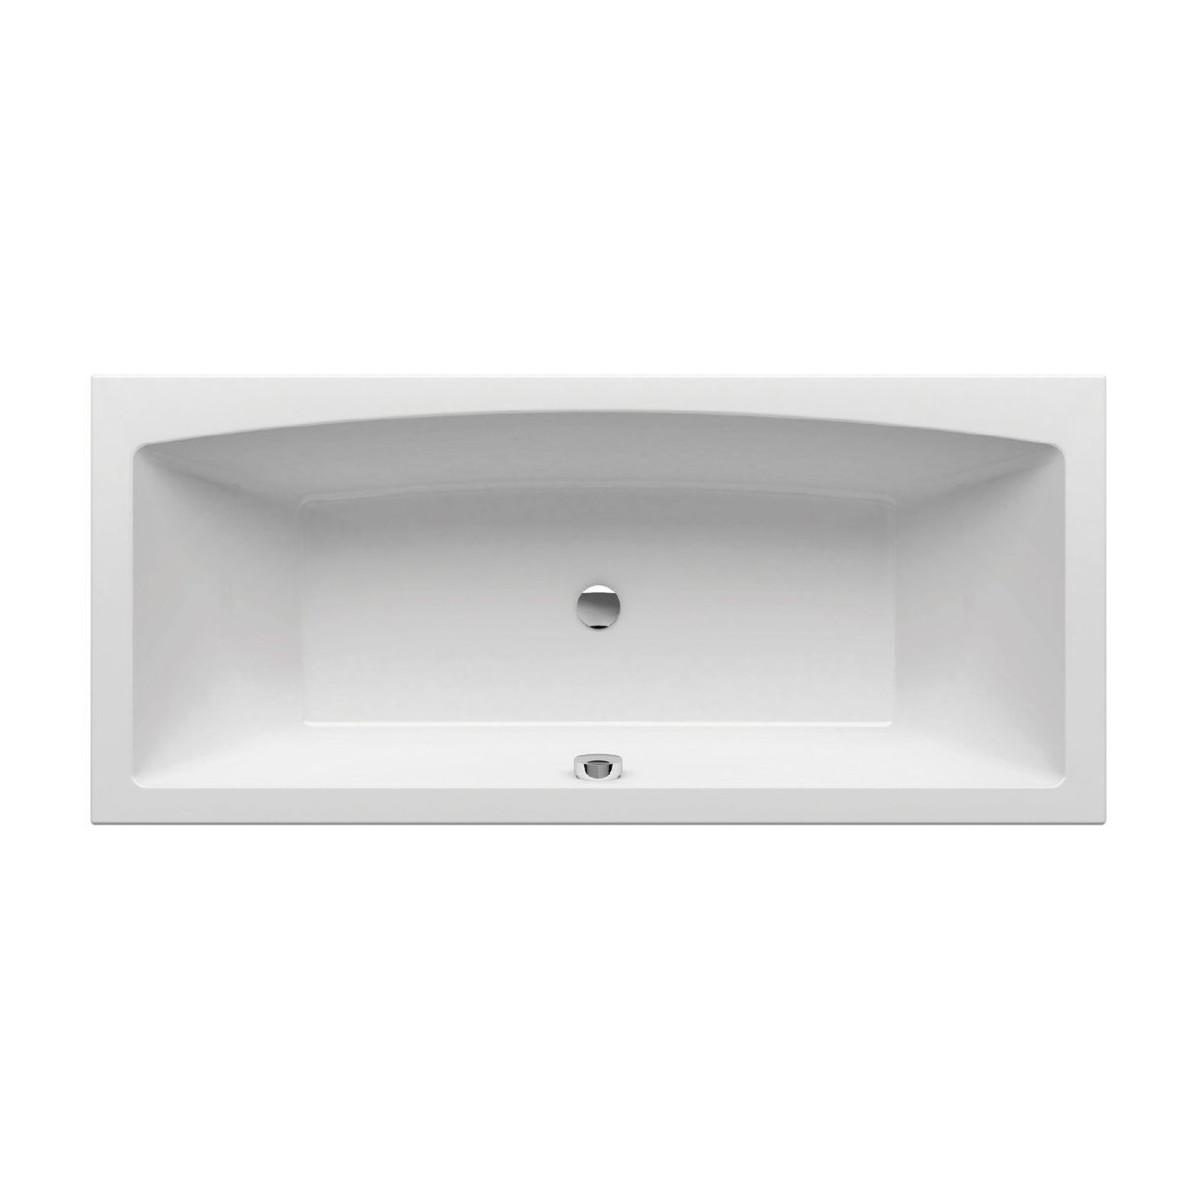 Акриловая прямоугольная ванна Ravak Formy 02 180x80 см C891000000